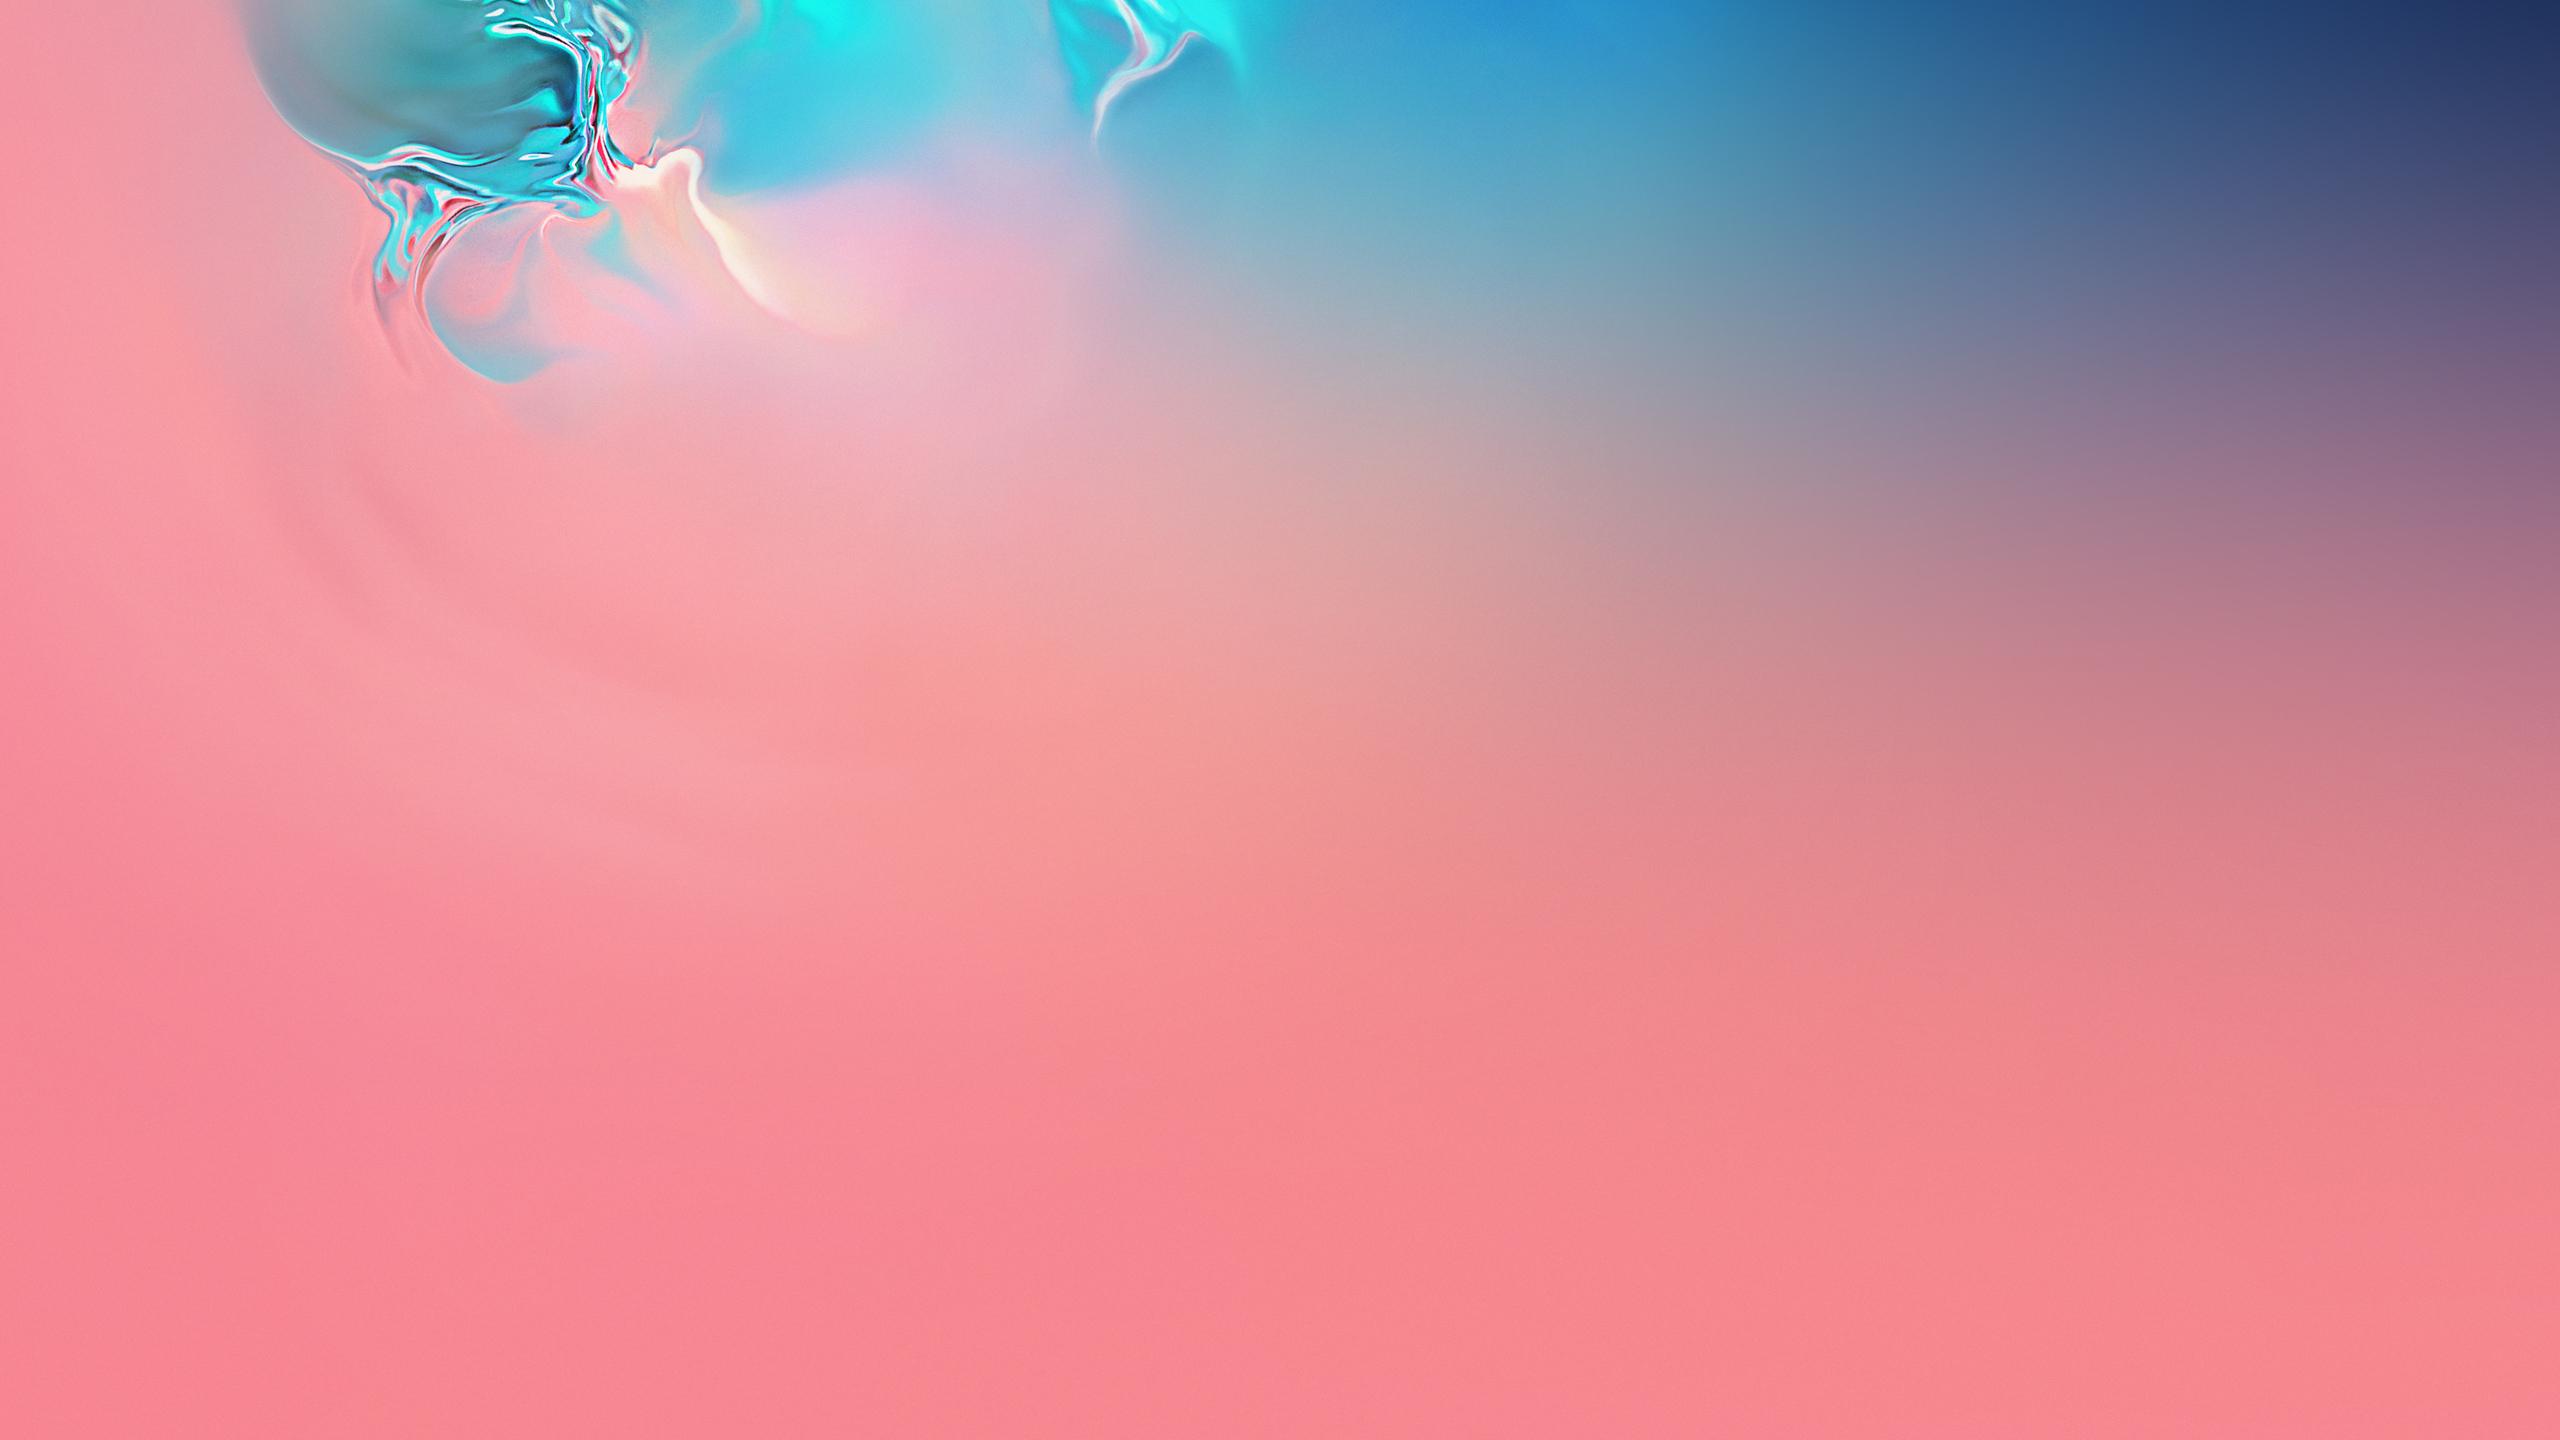 S10 Wallpaper Hd Minimalist Hdr Wallpaper